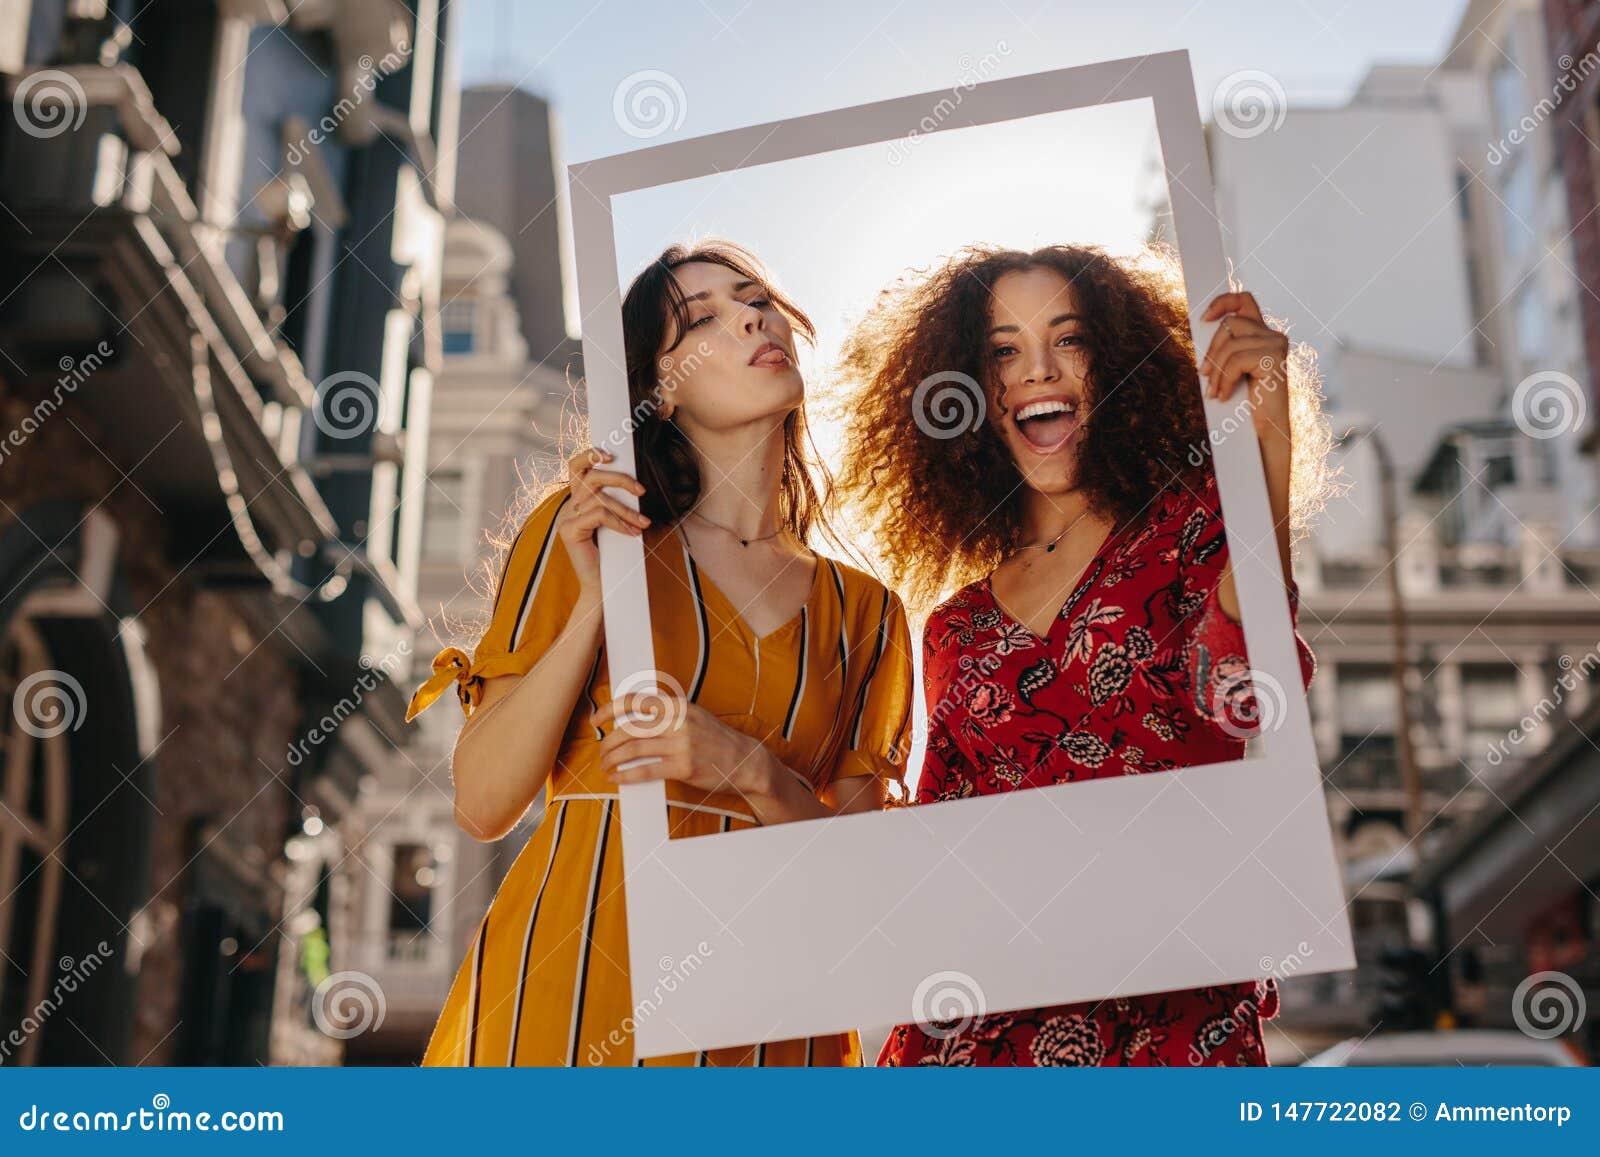 Mulheres bonitas com um quadro vazio da foto